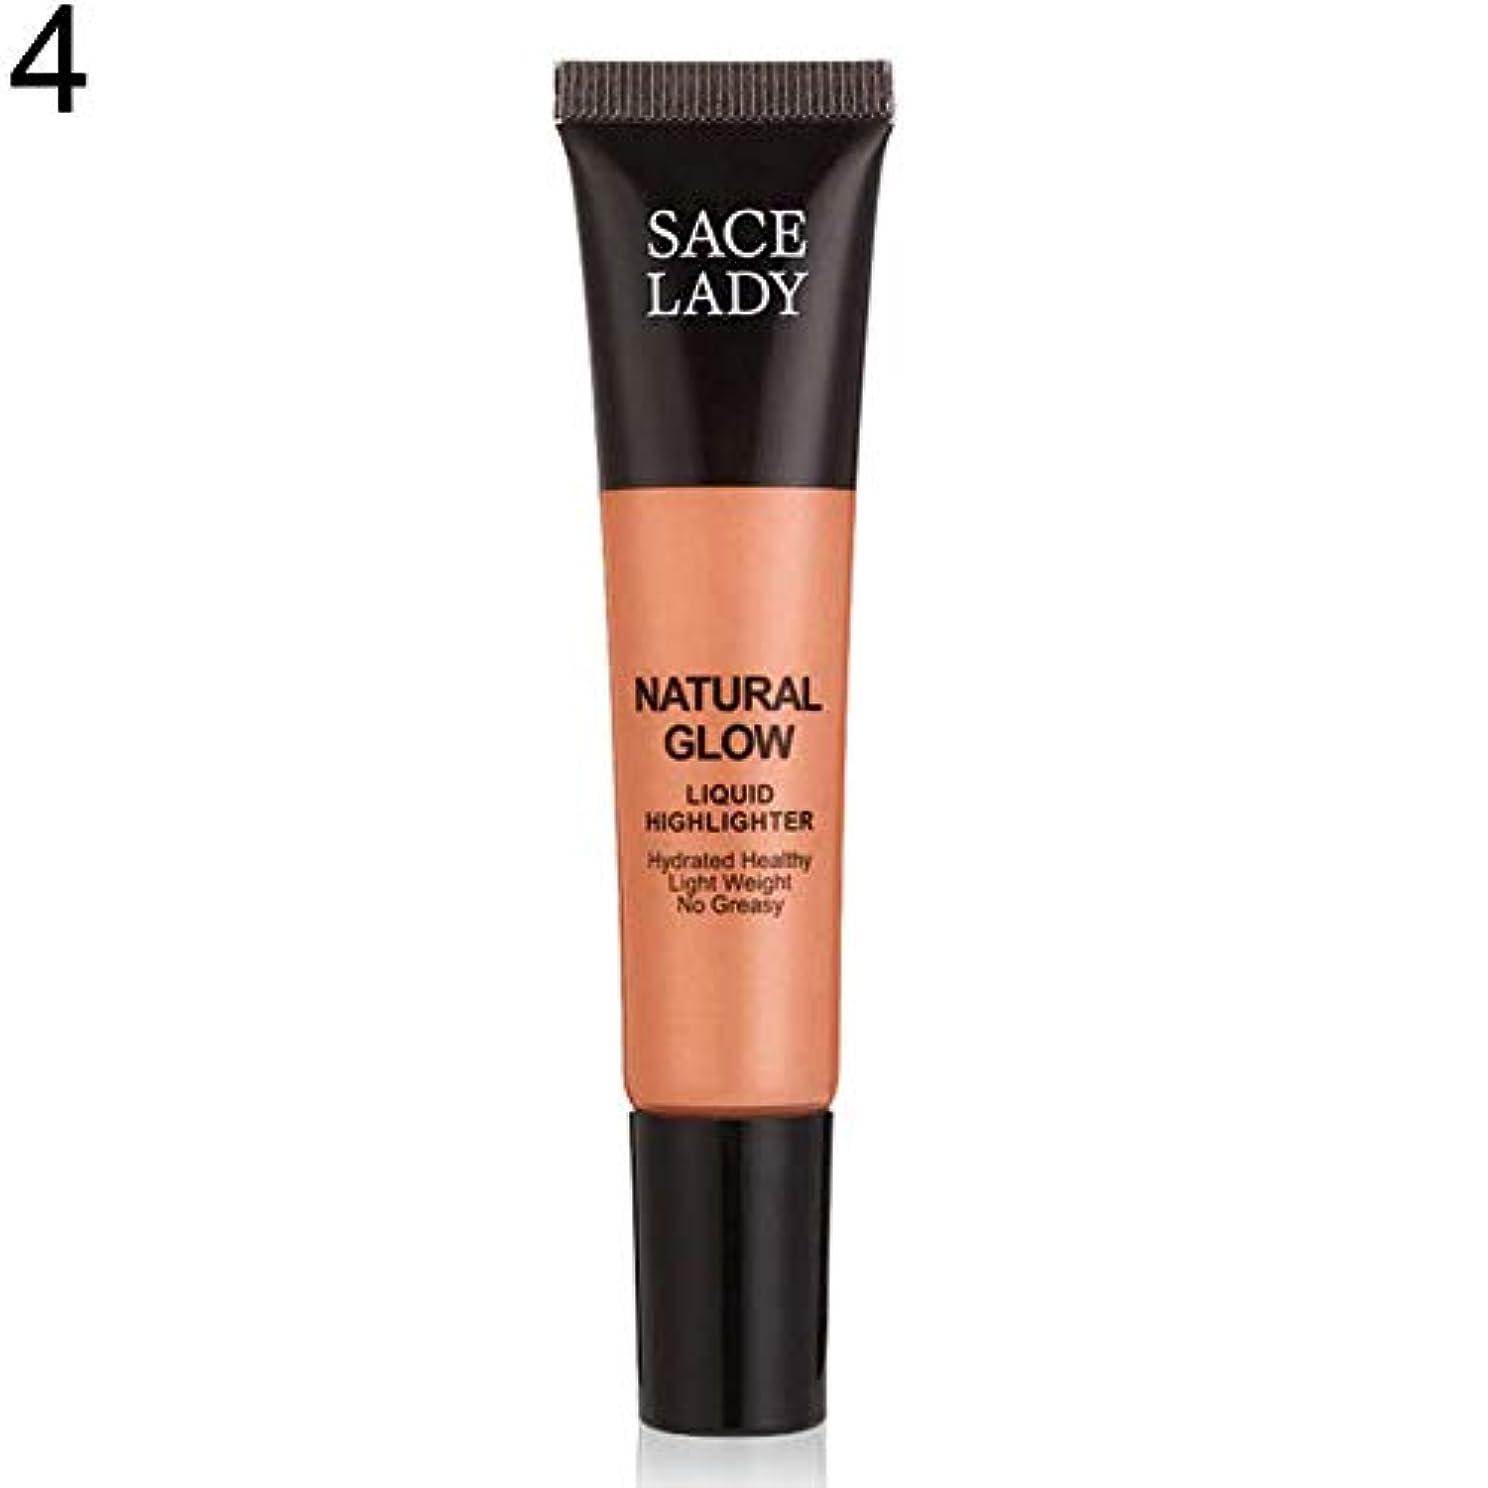 レッドデート流すスワップSACE LADY液体蛍光ペン水和非脂っこい化粧顔ブロンザー - 4#